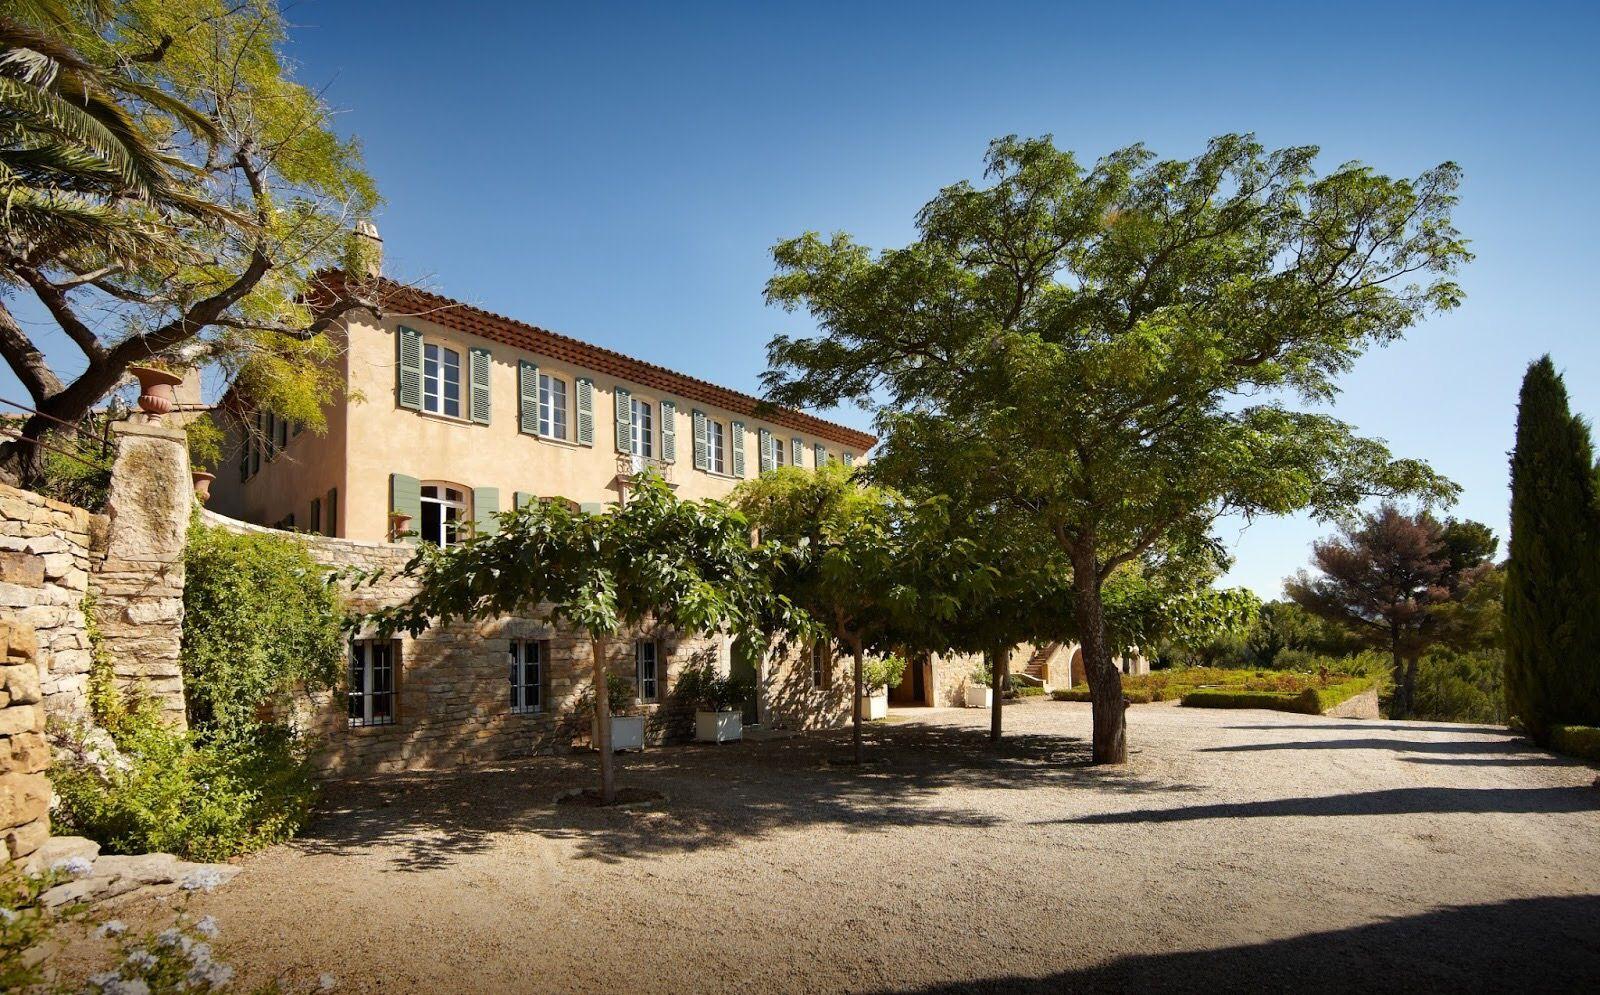 Chateau De Pibarnon Bandol Cote D Azur Var Le Pradet Roquebrune Sur Argens Cogolin